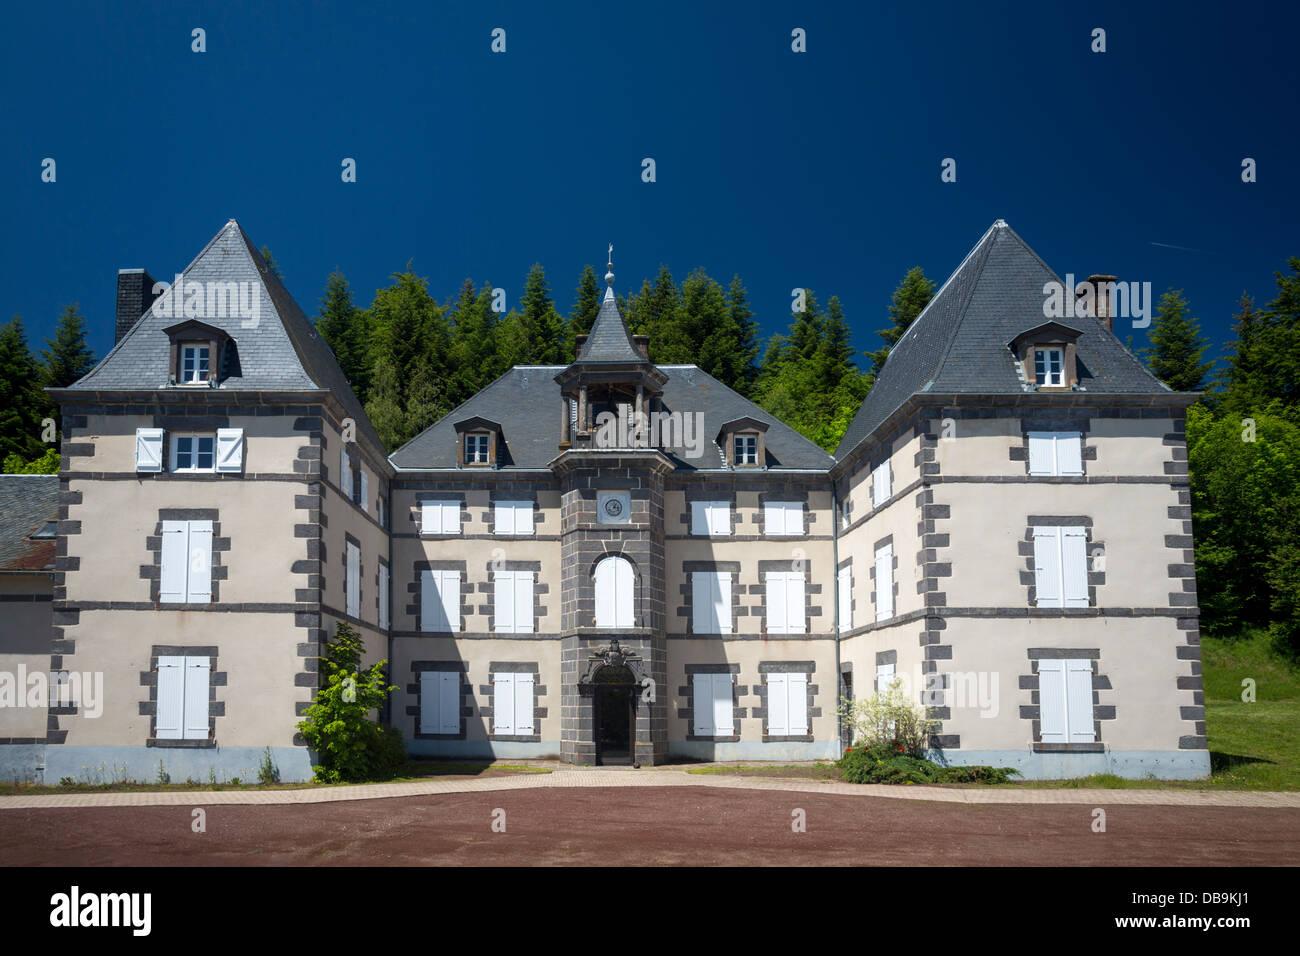 The house of the Country Nature Reserve of the Auvergne volcanoes. La maison du Parc Naturel Régional des volcans - Stock Image